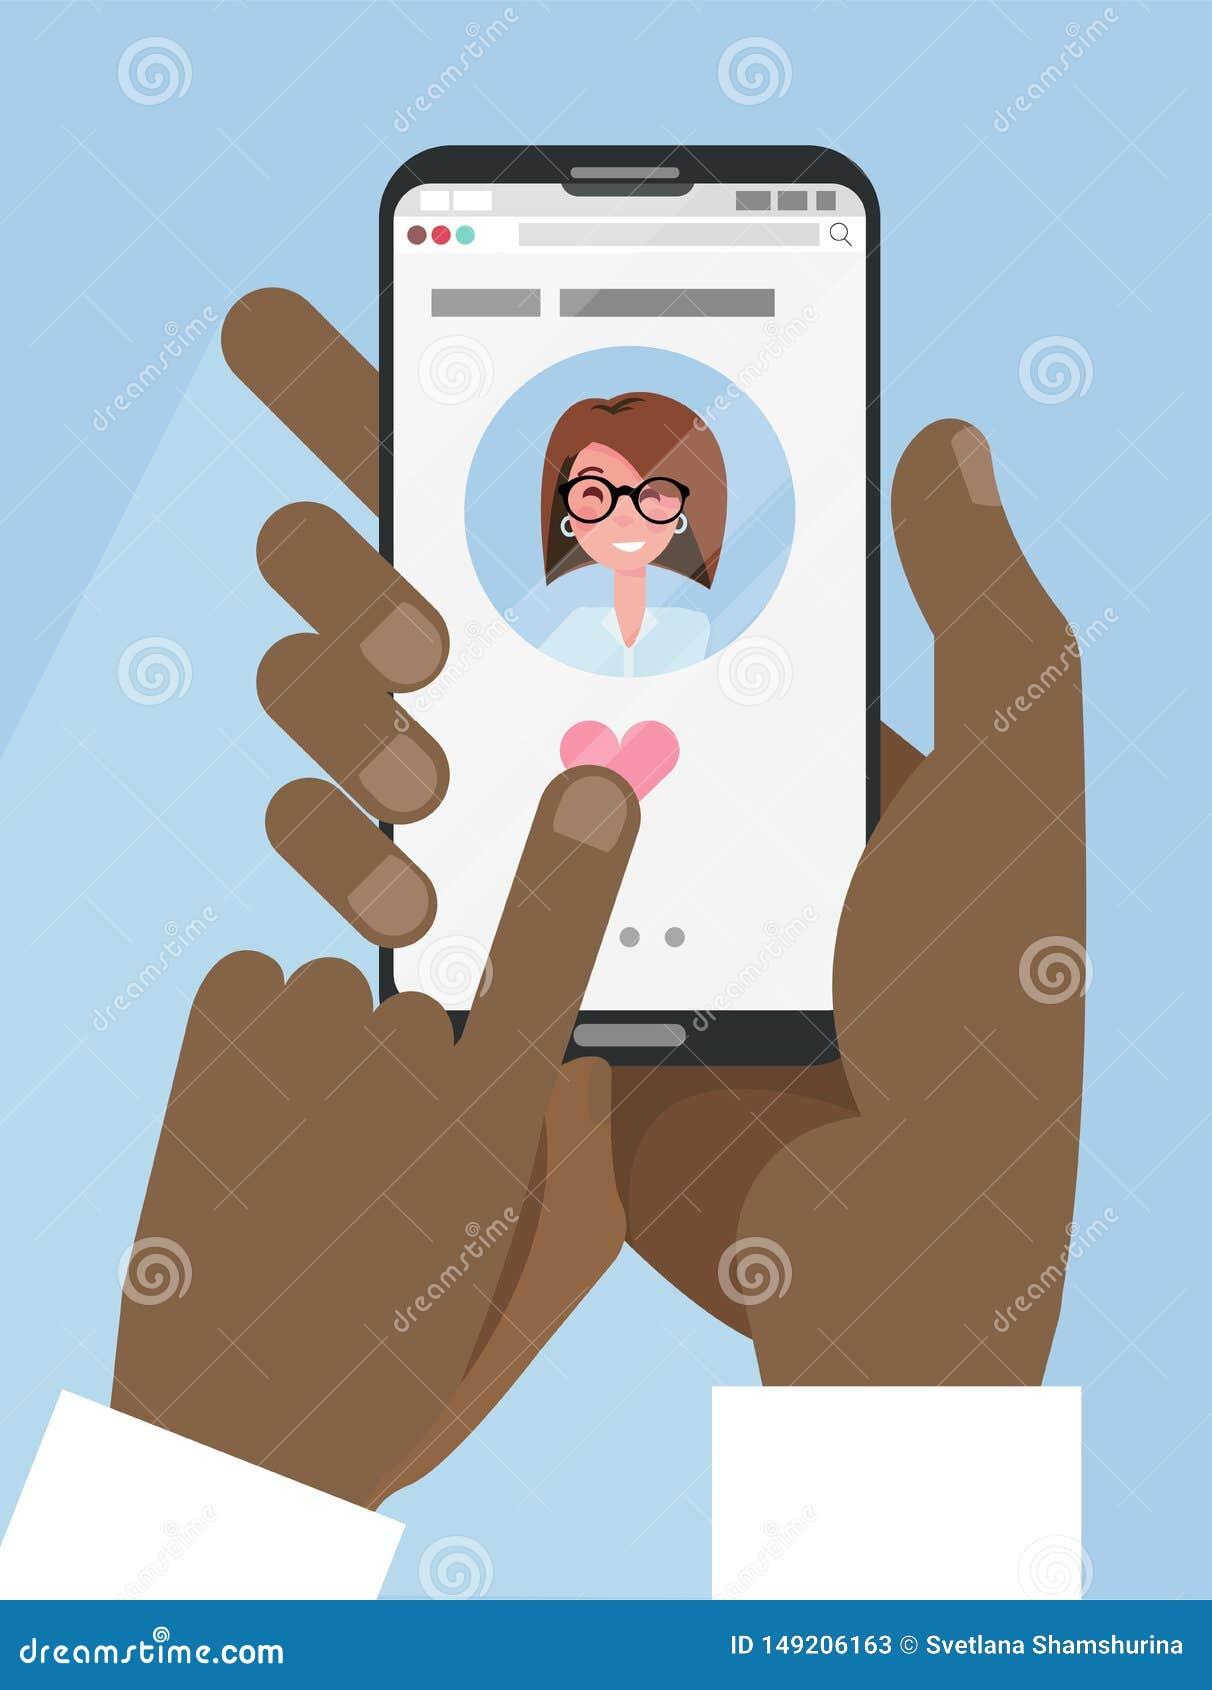 online dating som liknar Tinder